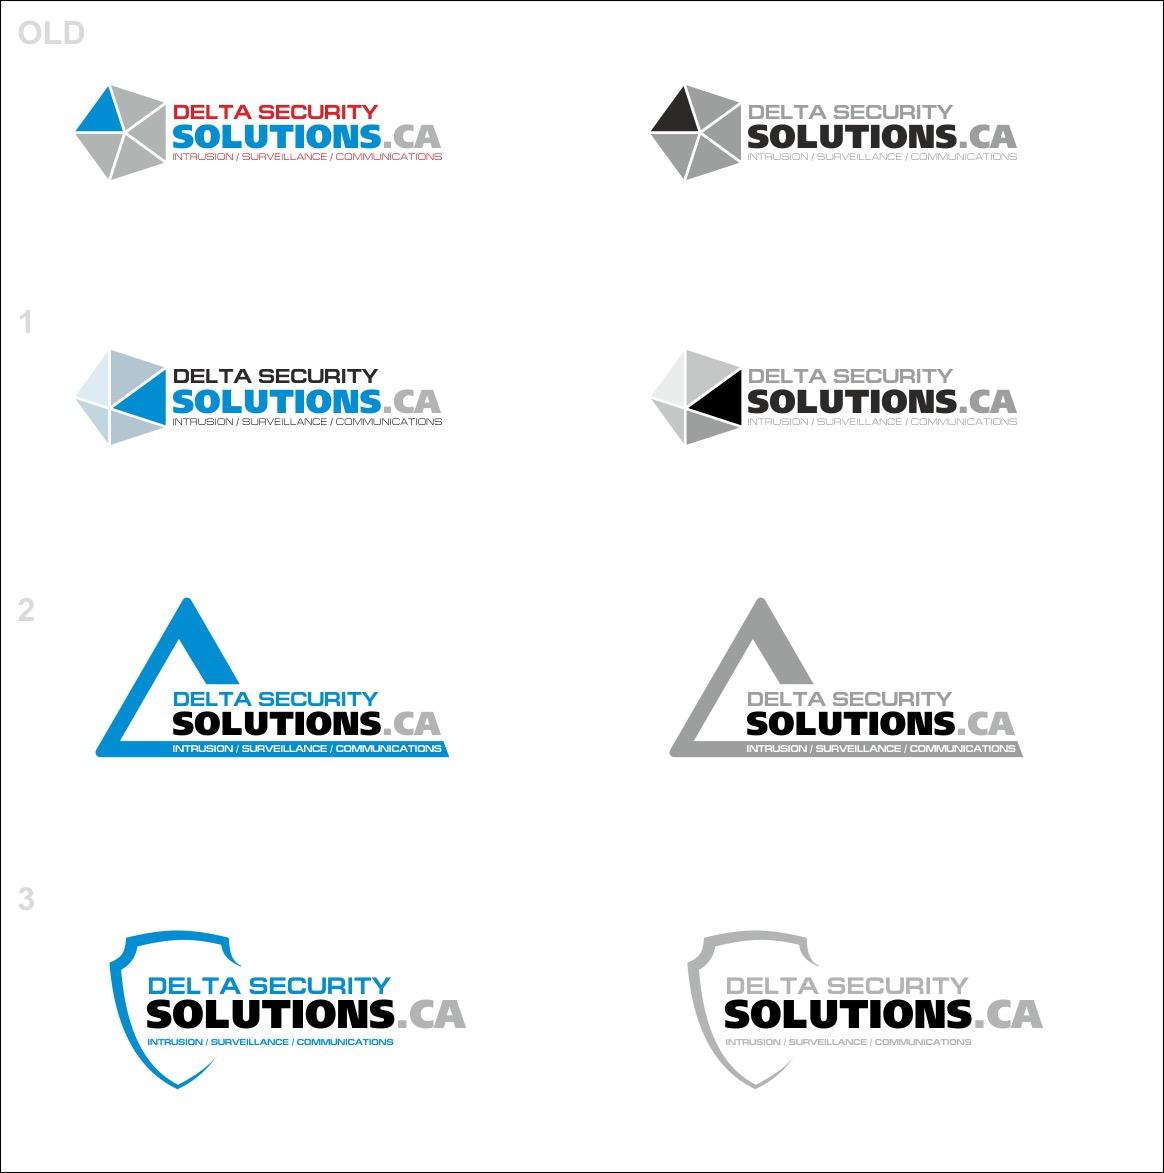 in-store-ca-logos (21)